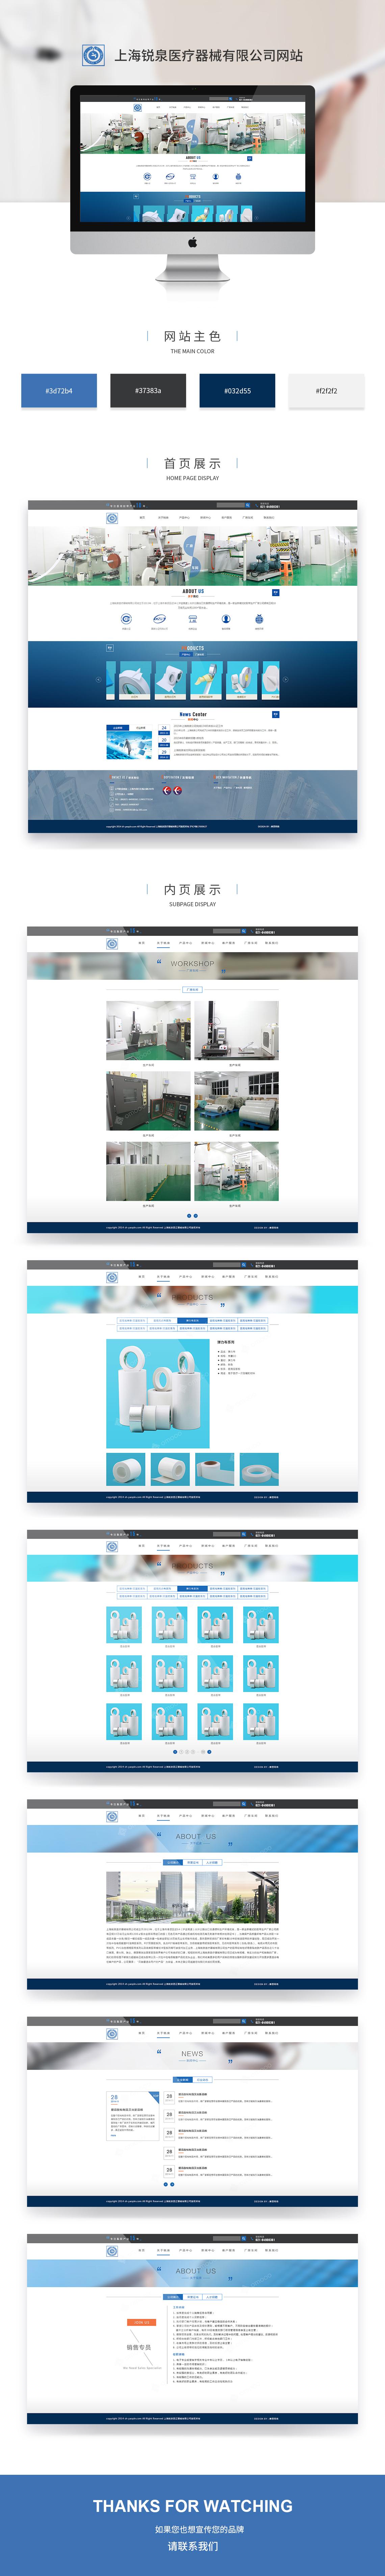 公司網站建設案例之銳泉醫療器械公司